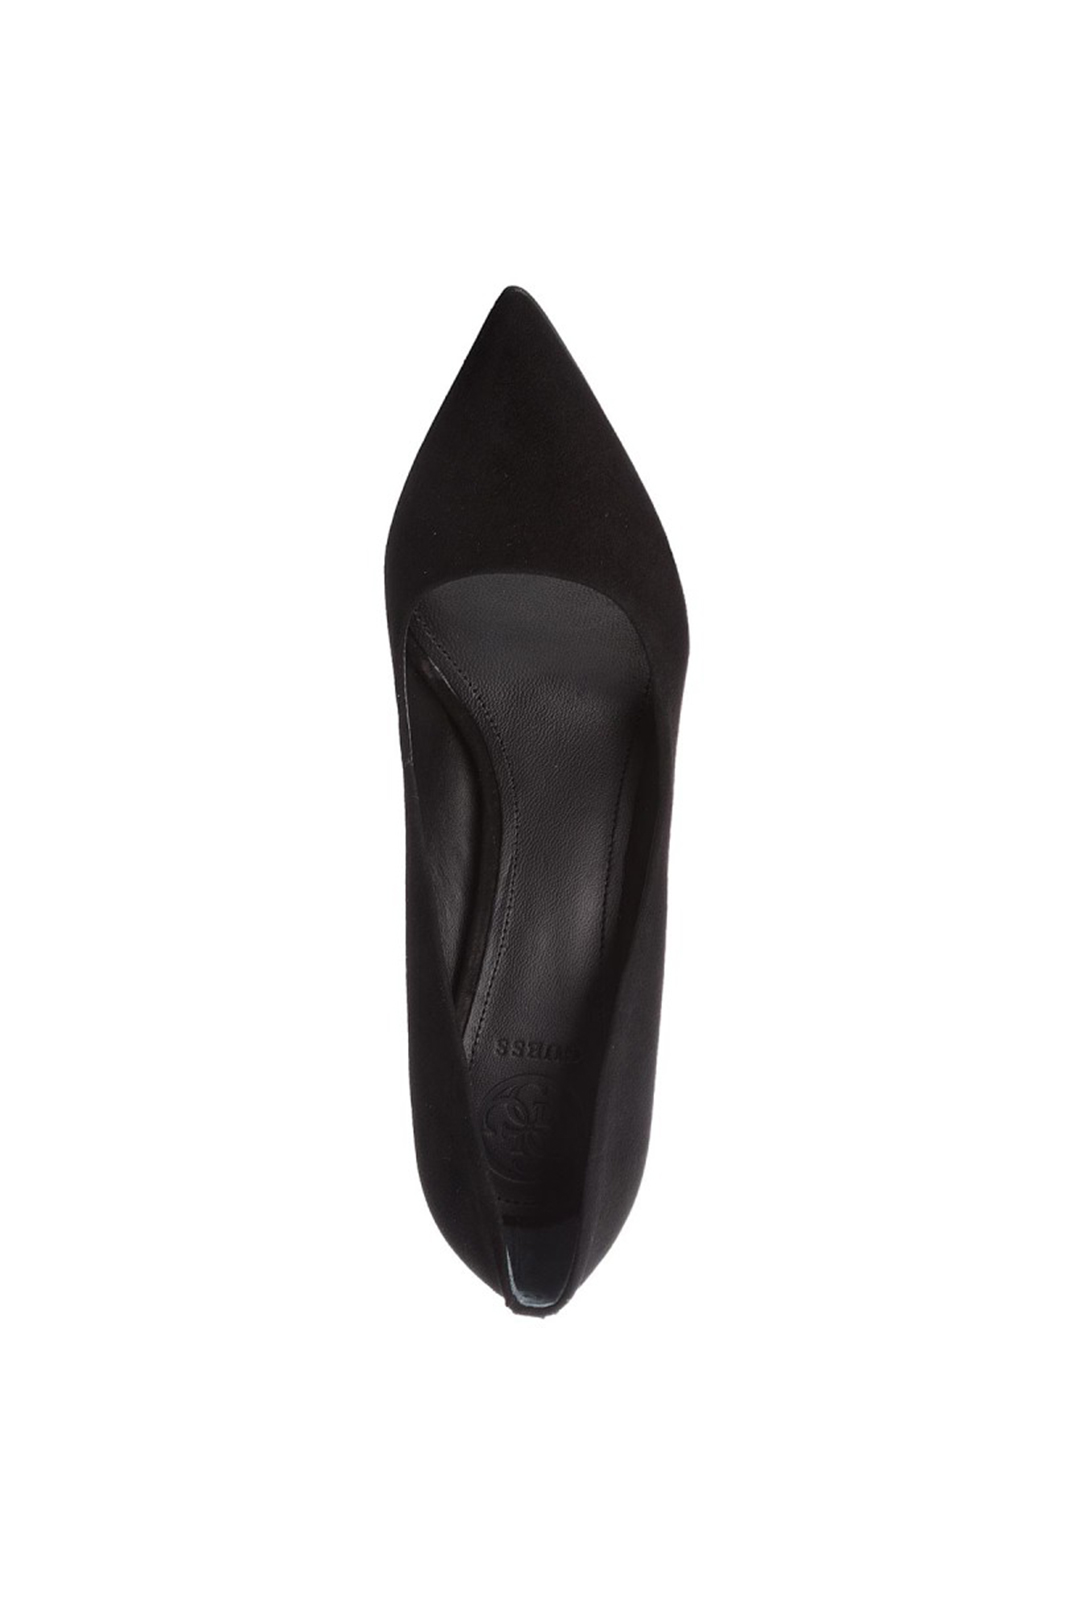 Chaussures de ville  Guess jeans FLOKY4 SUE08 BLACK